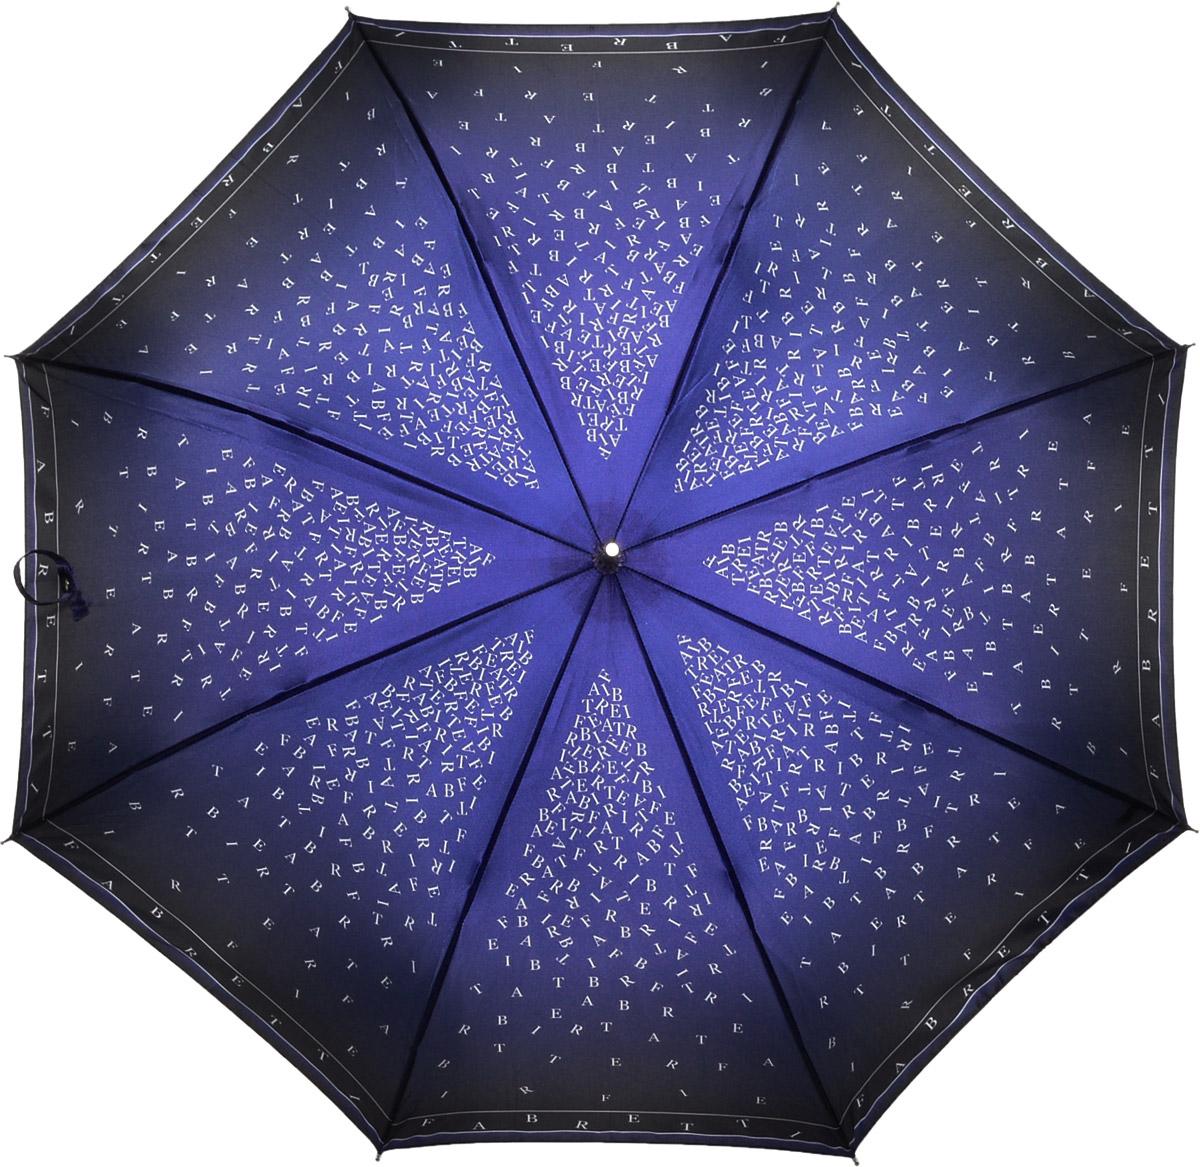 Зонт женский Fabretti, цвет: синий. 16211621Женский зонт-трость от итальянского бренда Fabretti. Конструкция модели выполнена из стали и фибергласса, поэтому устойчива к сильному ветру. Элегантная градация синего цвета сделает вас неотразимыми и невероятно модными в любую непогоду, а стильный дизайнерский принт в виде комбинации букв из логотипа бренда Fabretti дополнит любой современный образ! Материал купола – сатин. Он невероятно изящен, приятен на ощупь, обладает высокой прочностью, а также устойчив к выцветанию. Эргономичная ручка сделана из высококачественного пластика-полиуретана с противоскользящей обработкой!